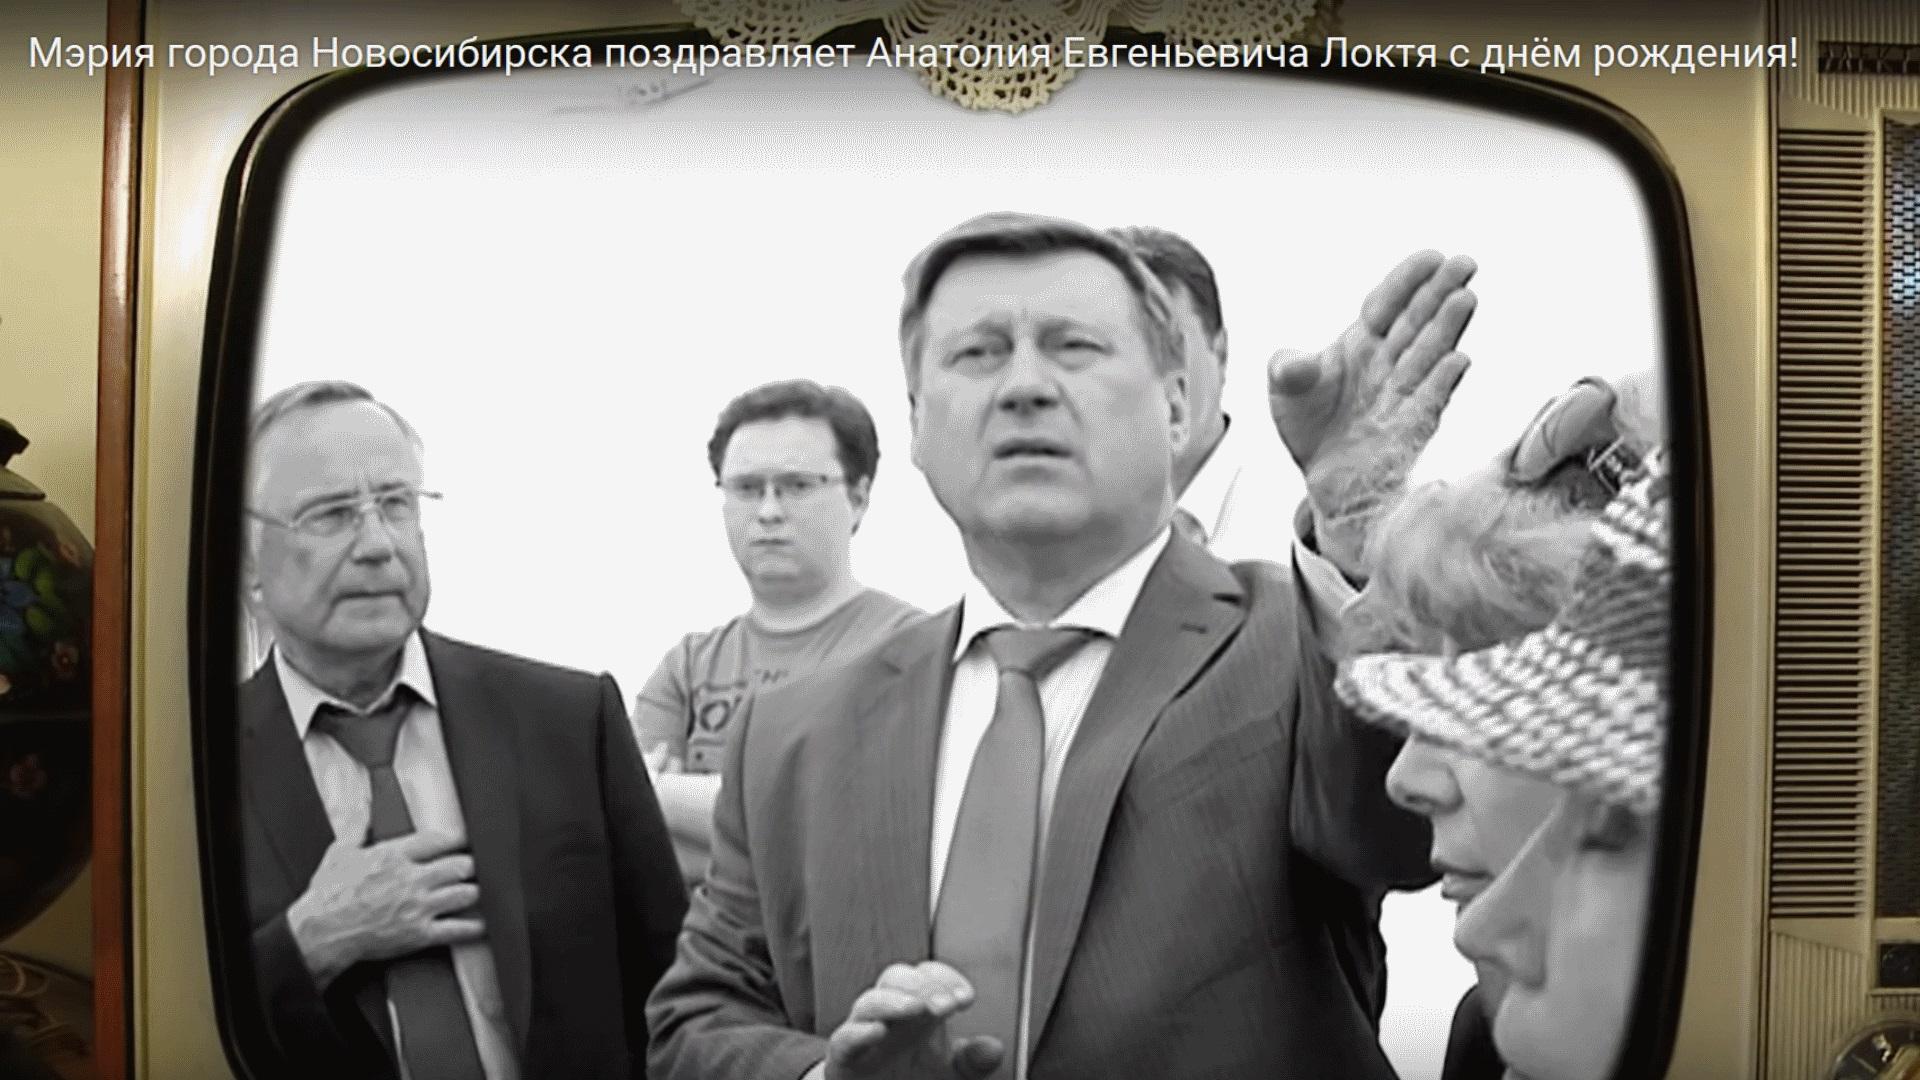 Скриншот видеоролика: «Мэрия города Новосибирска поздравляет Анатолия Евгеньевича Локтя с днём рождения»